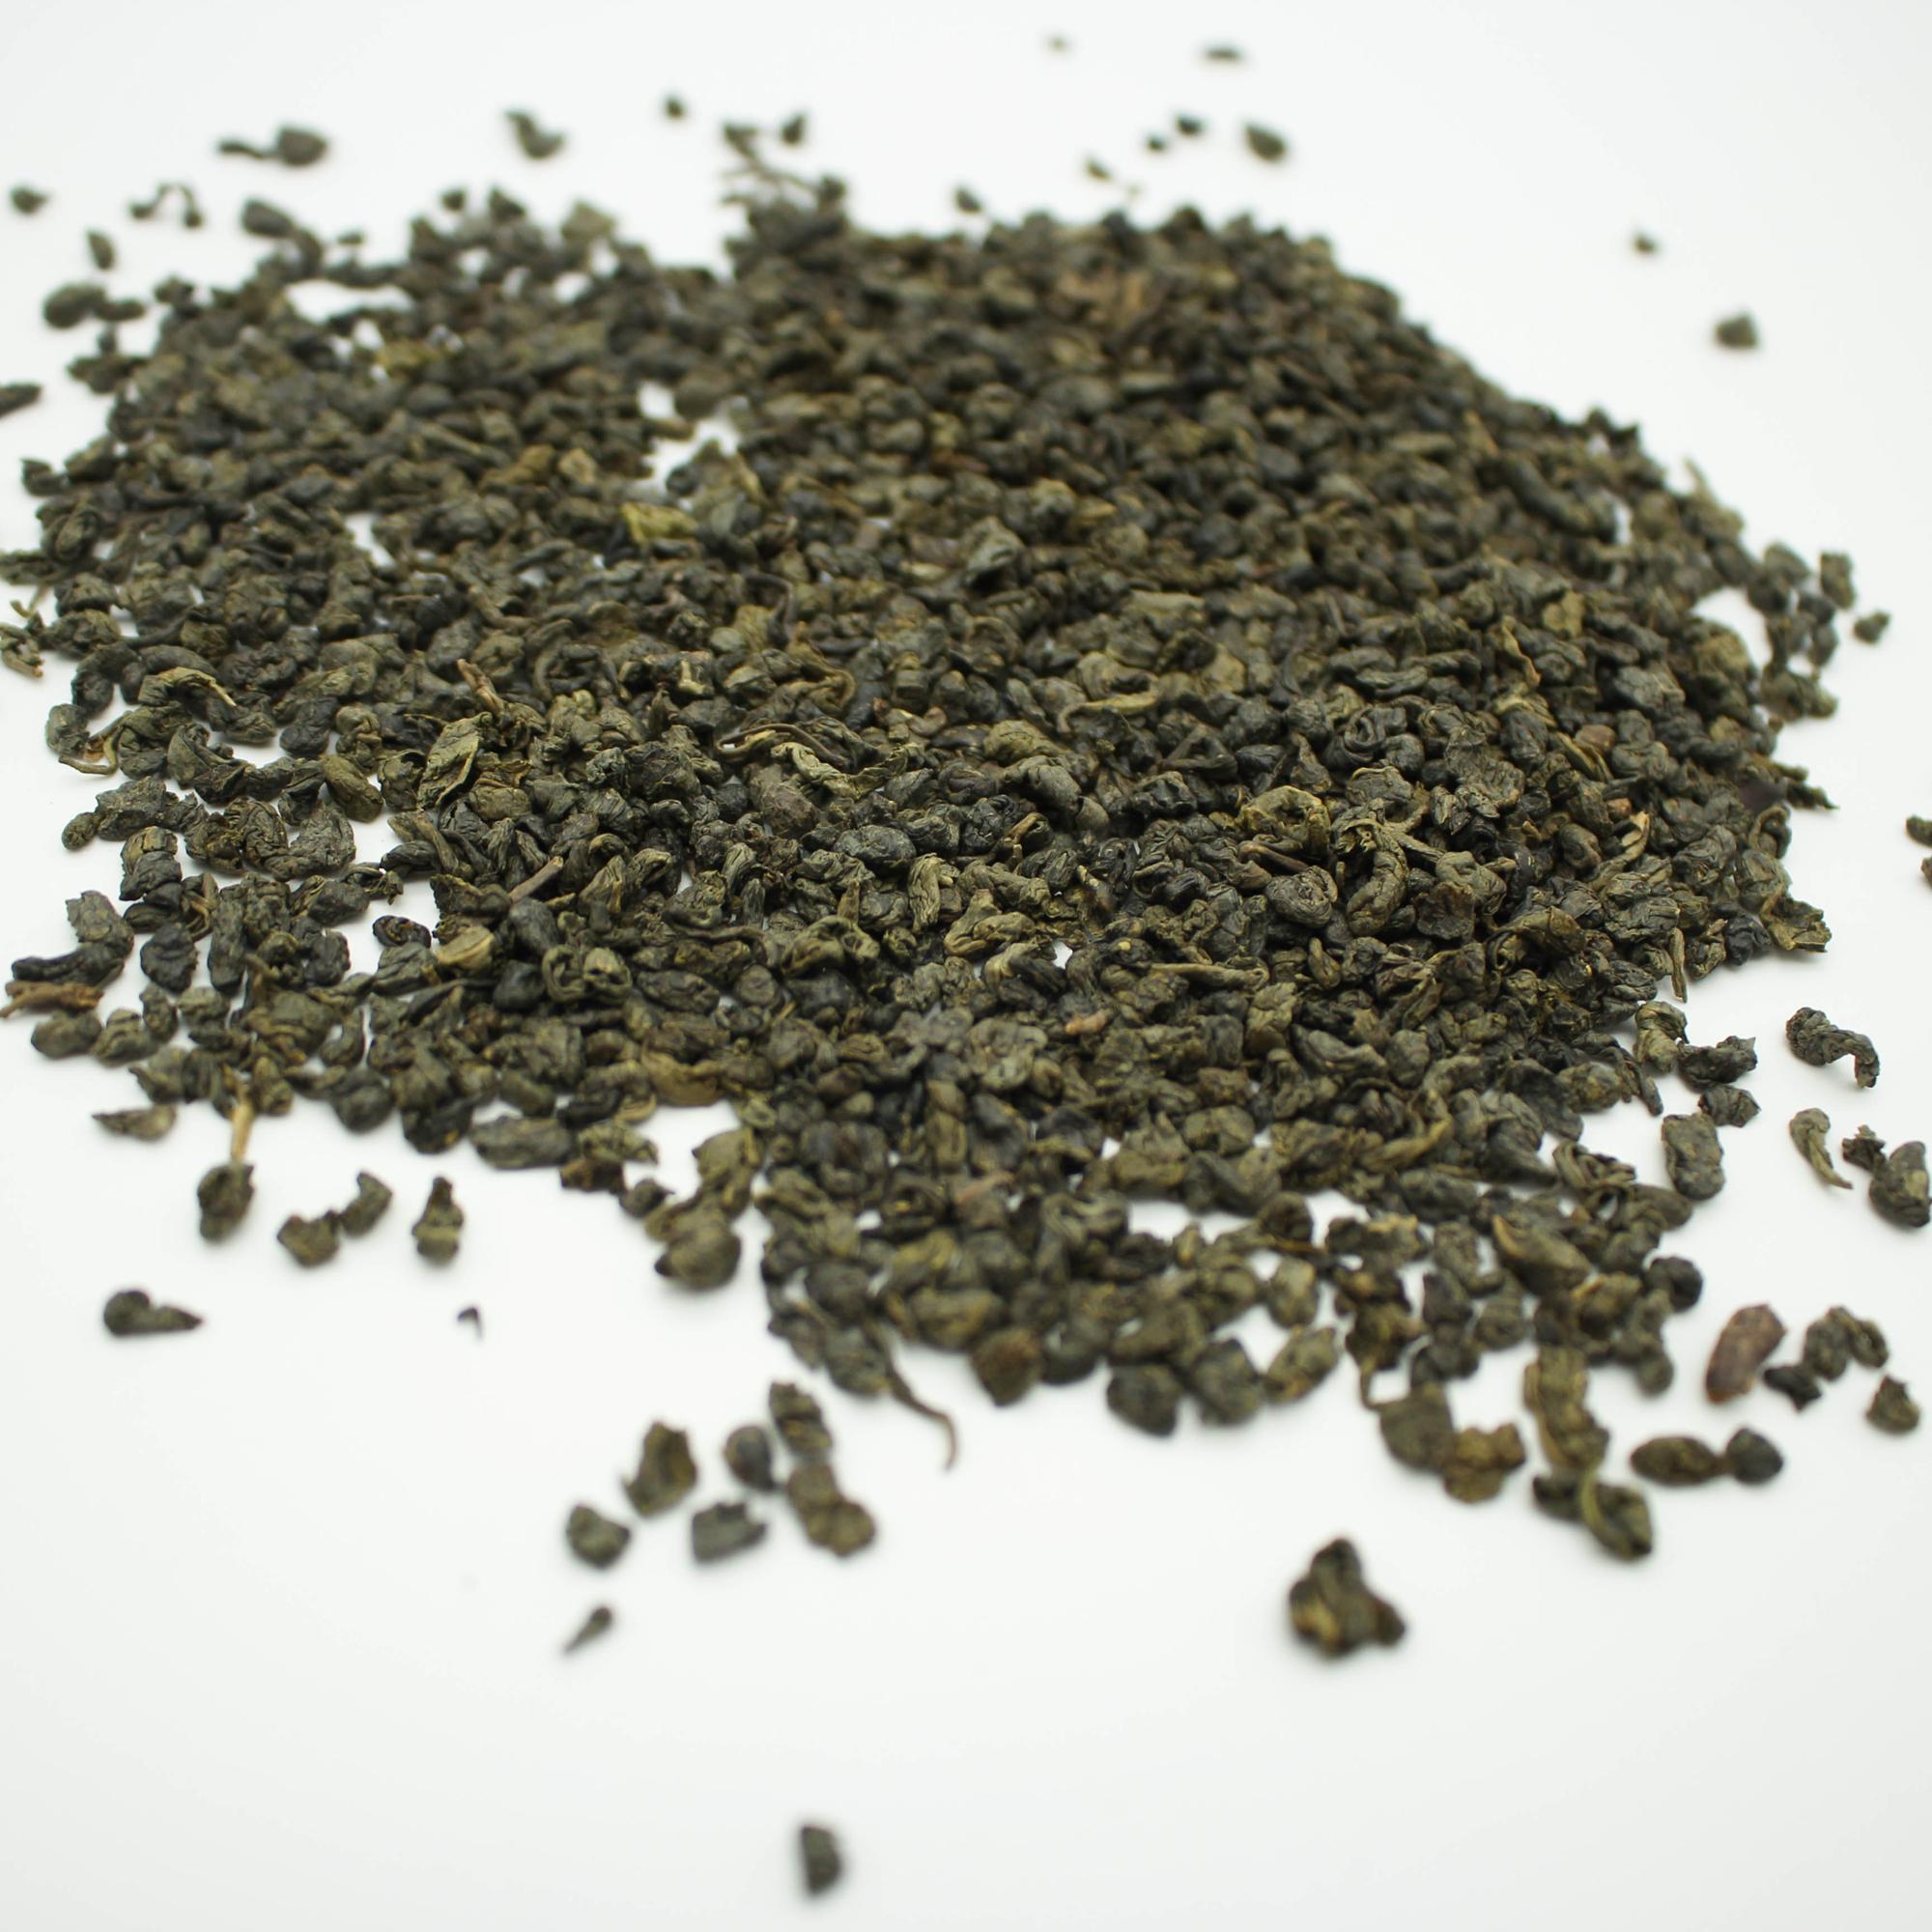 6bb3b75c6ea4a مصادر شركات تصنيع ماركة شاي الأخضر الصيني وماركة شاي الأخضر الصيني في  Alibaba.com